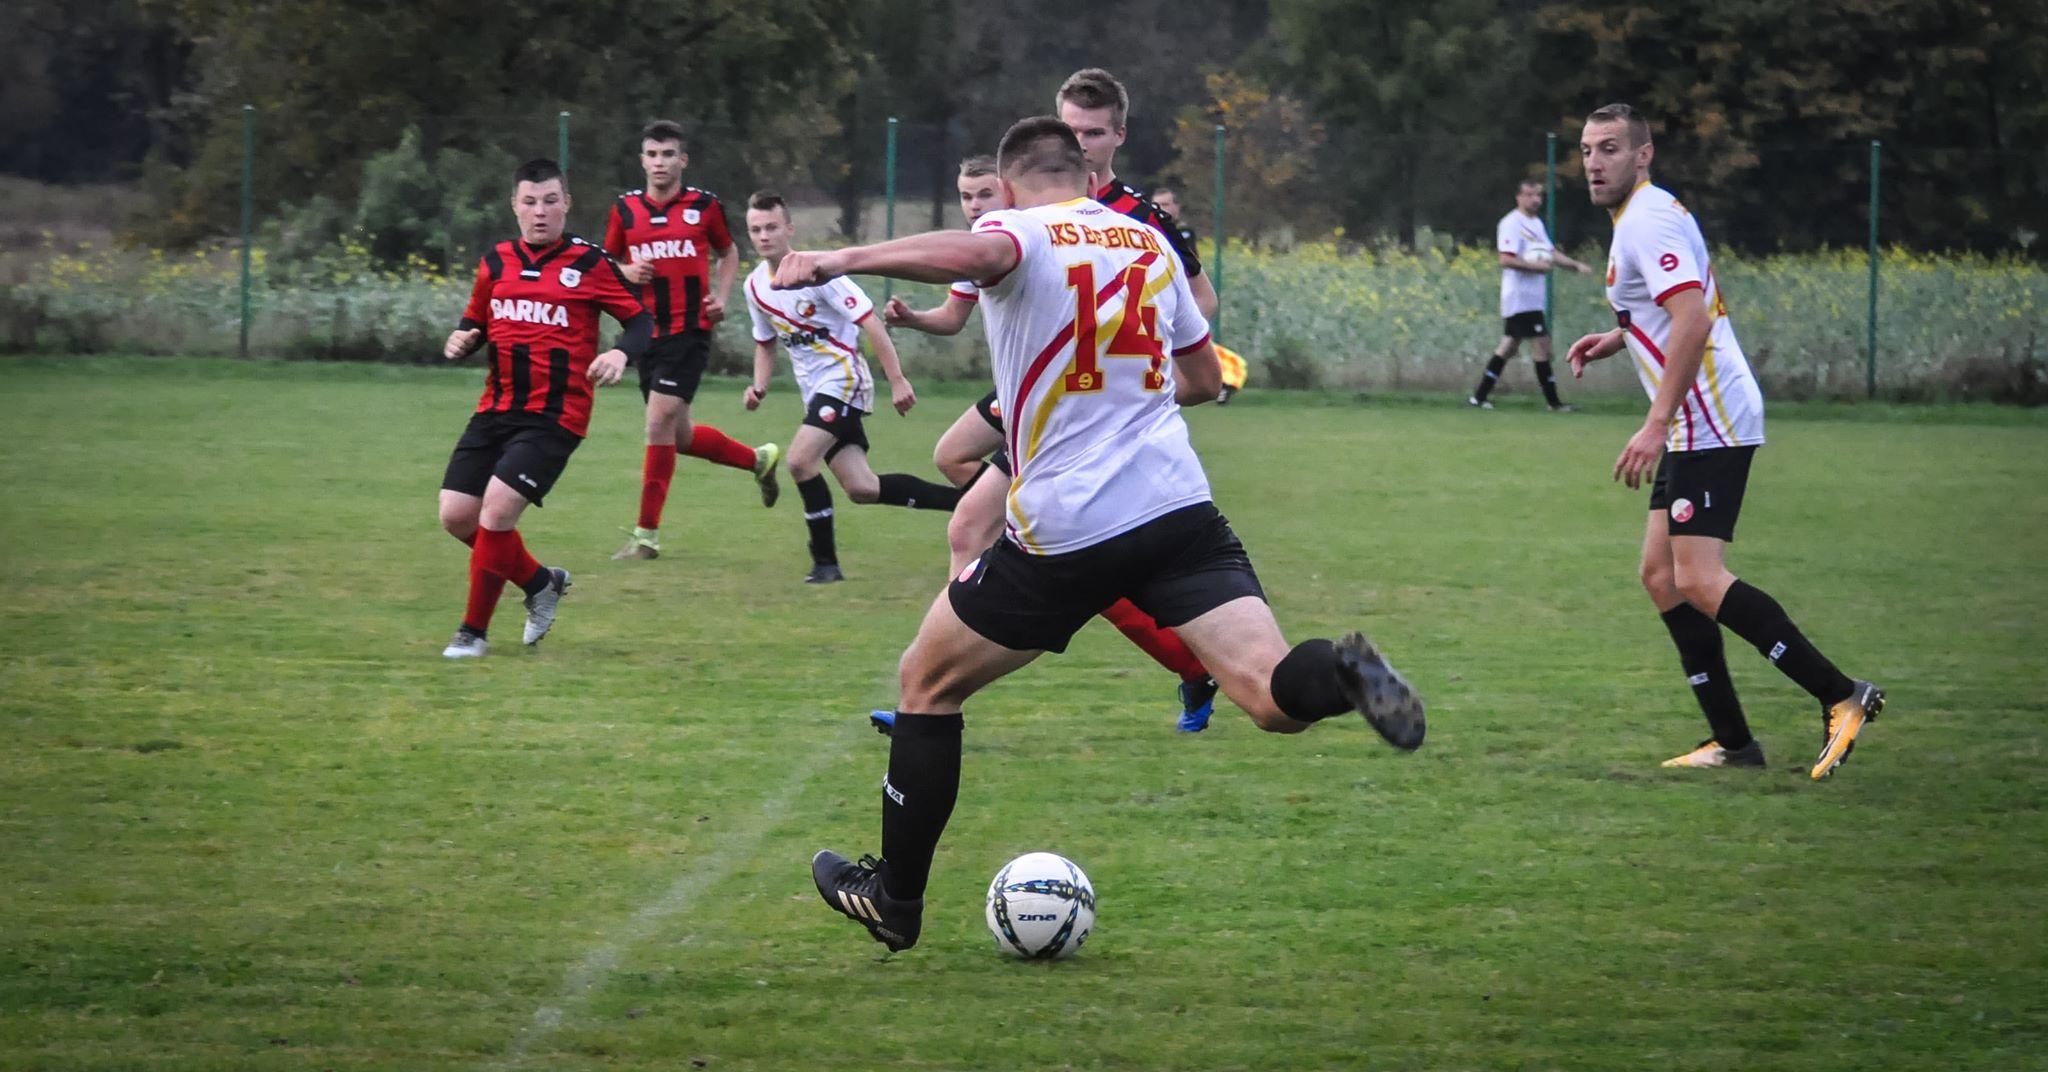 Piłkarska A klasa: pewna wygrana Babichy! [FOTO] - Zdjęcie główne